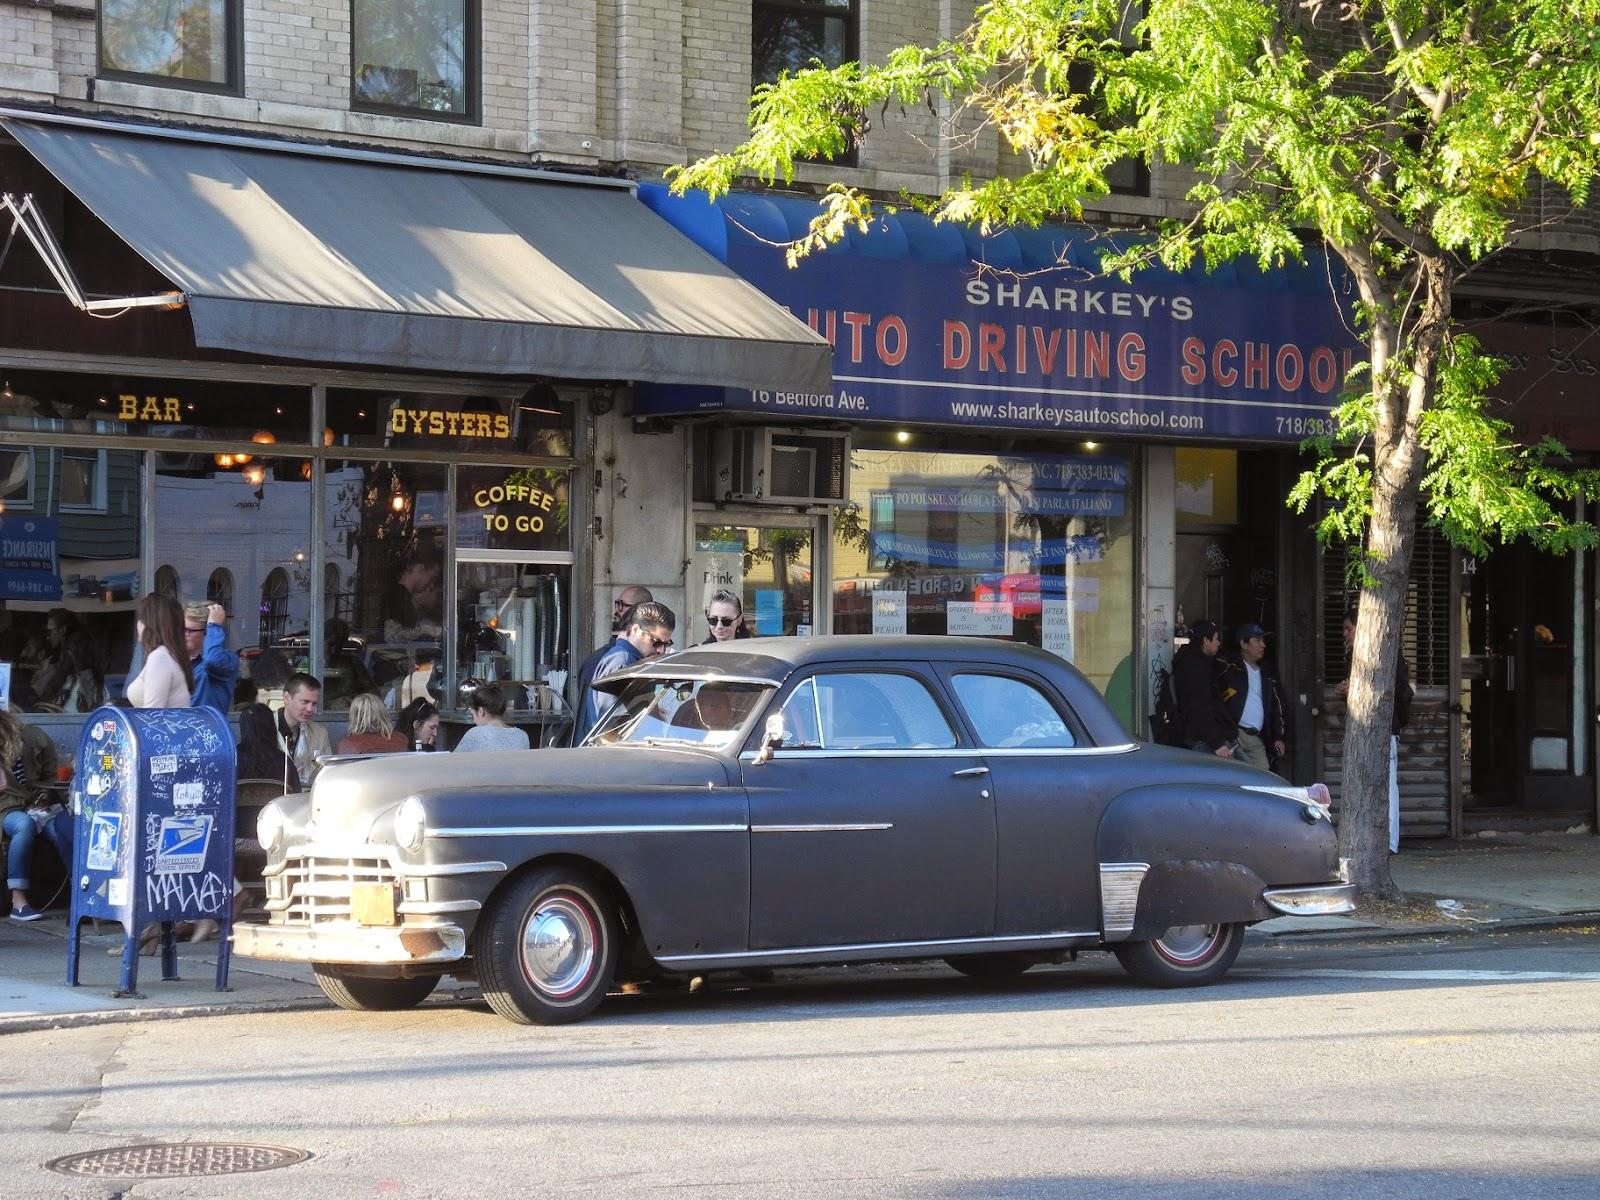 Obe le mie mille luci di new york parte 4 for Case in stile williamsburg